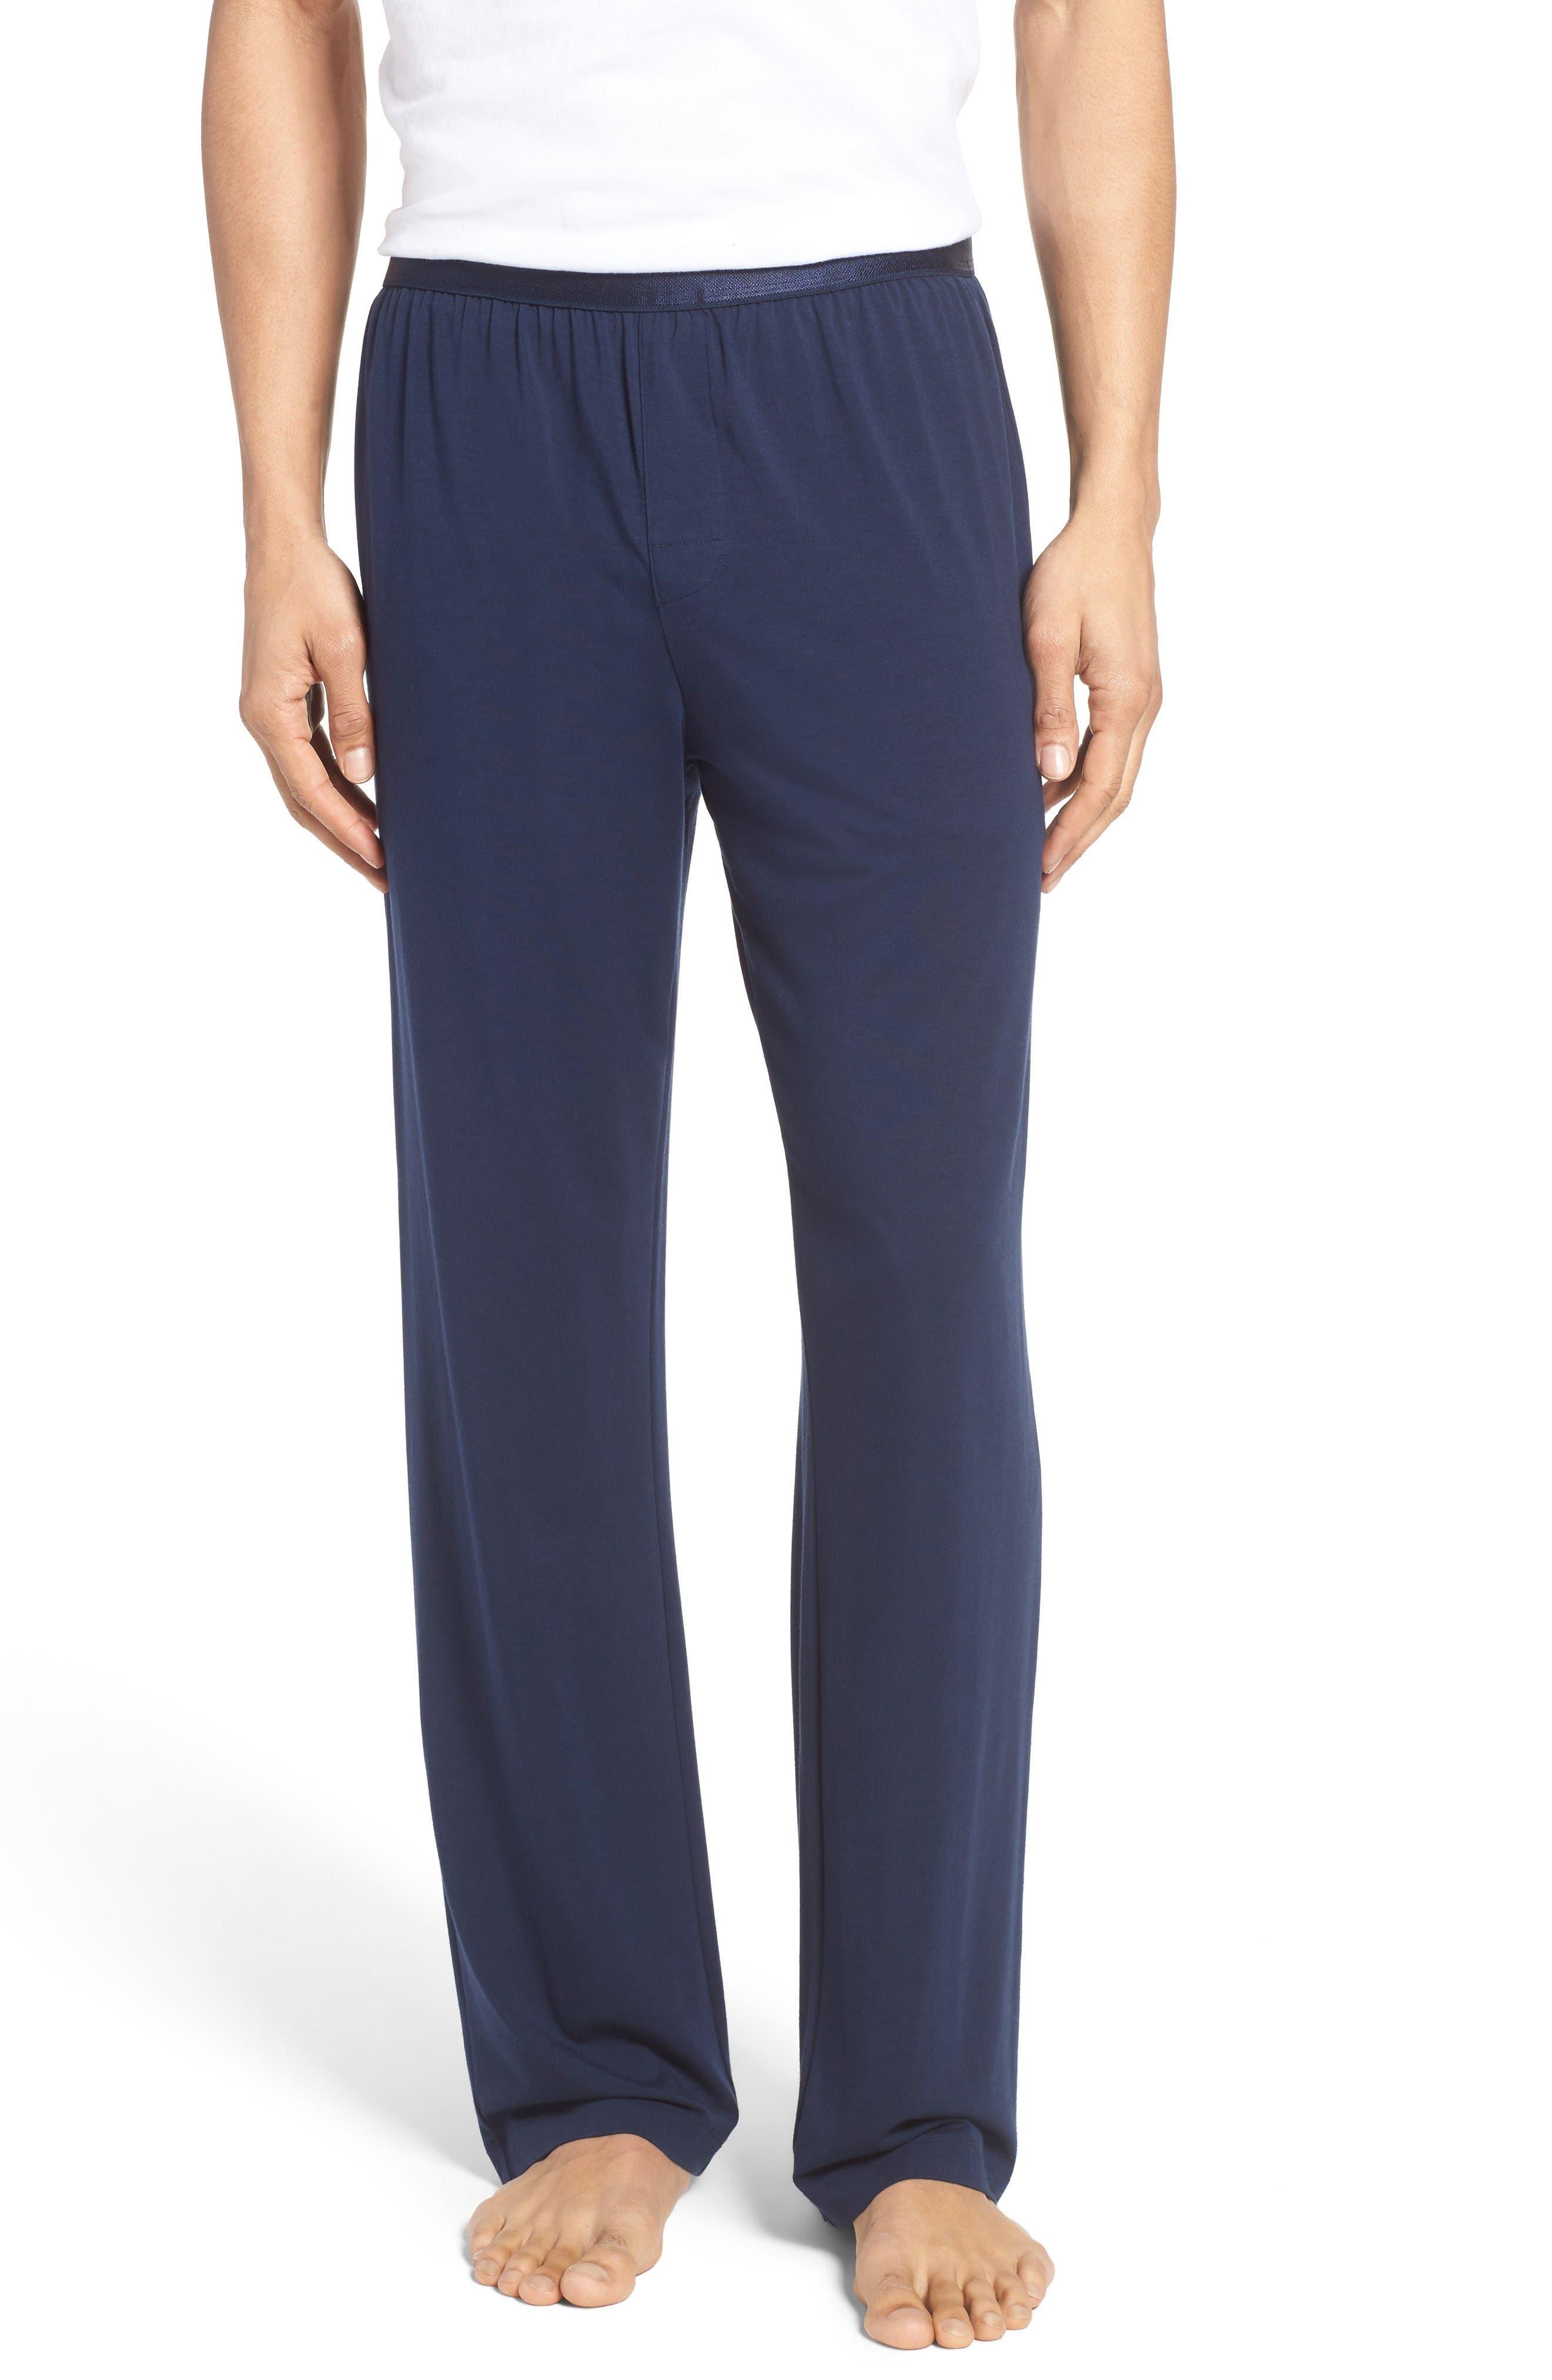 Alternate Image 1 Selected - Nordstrom Men's Shop Micromodal Blend Lounge Pants